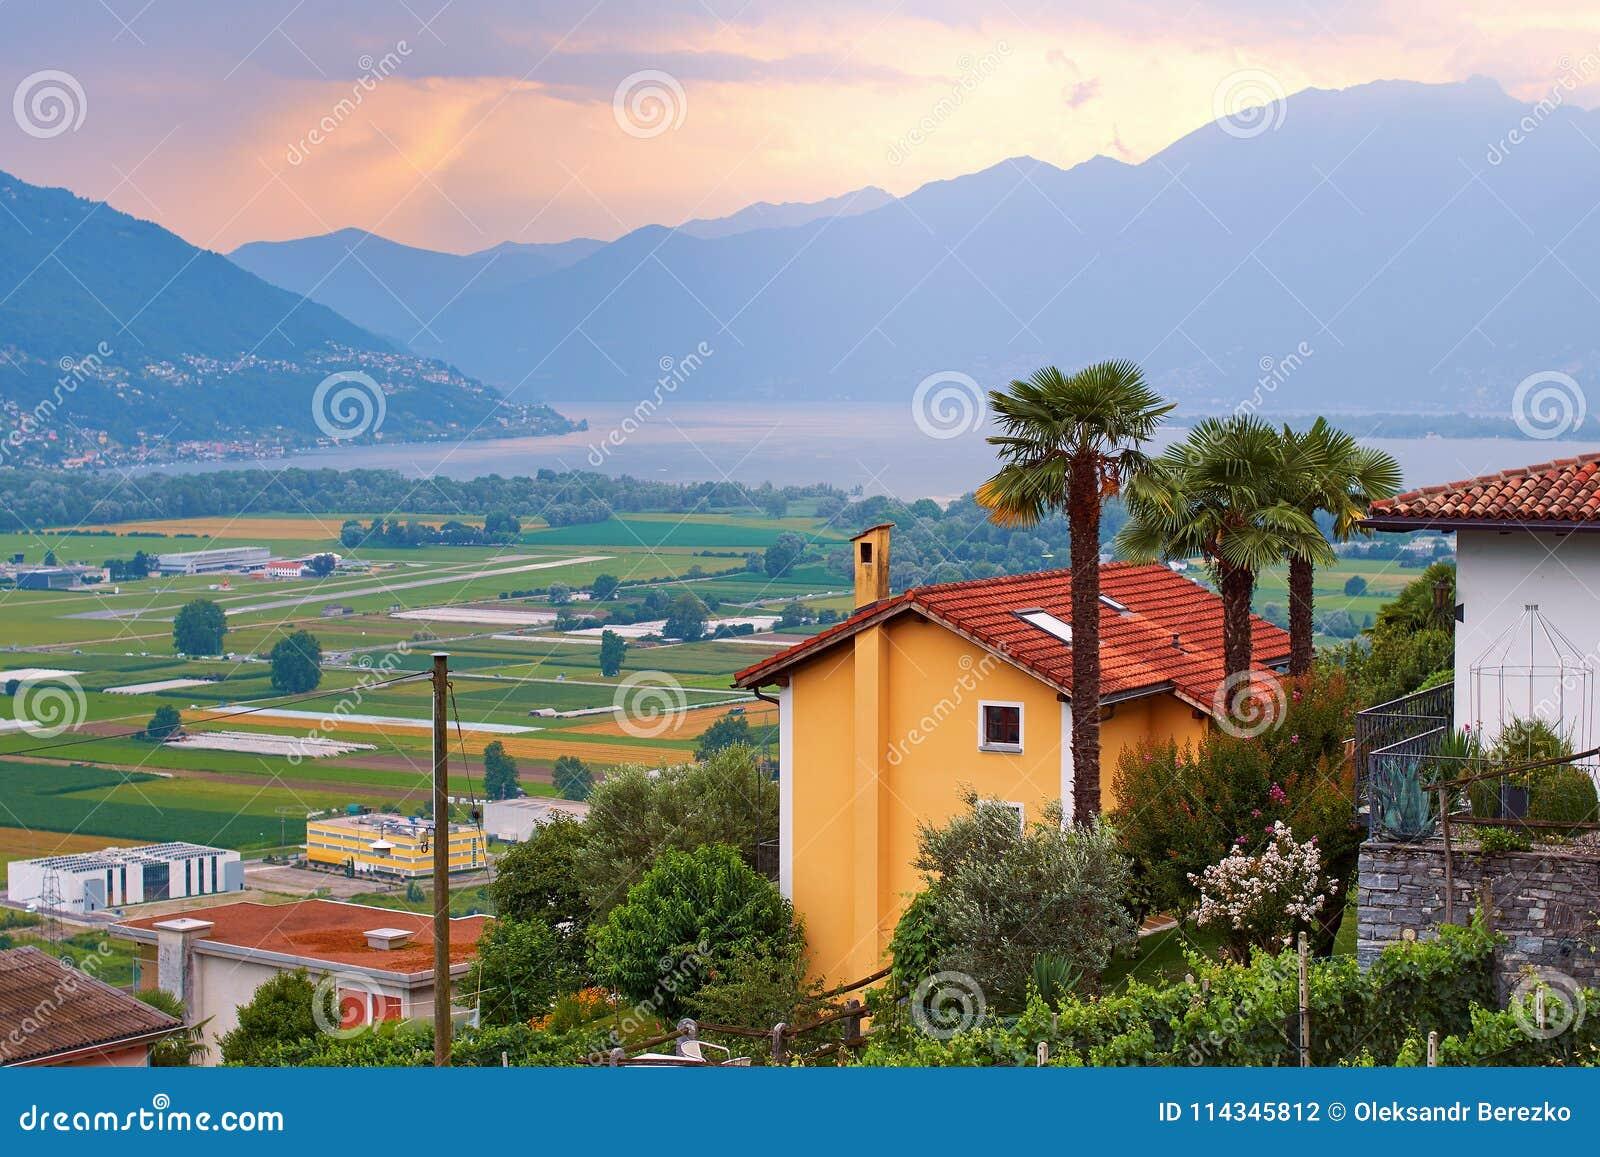 Mening van landelijk Zuidelijk Zwitserland met huizen, landbouwbedrijven, wijngaarden, de bergen en Meer Maggiore van alpen